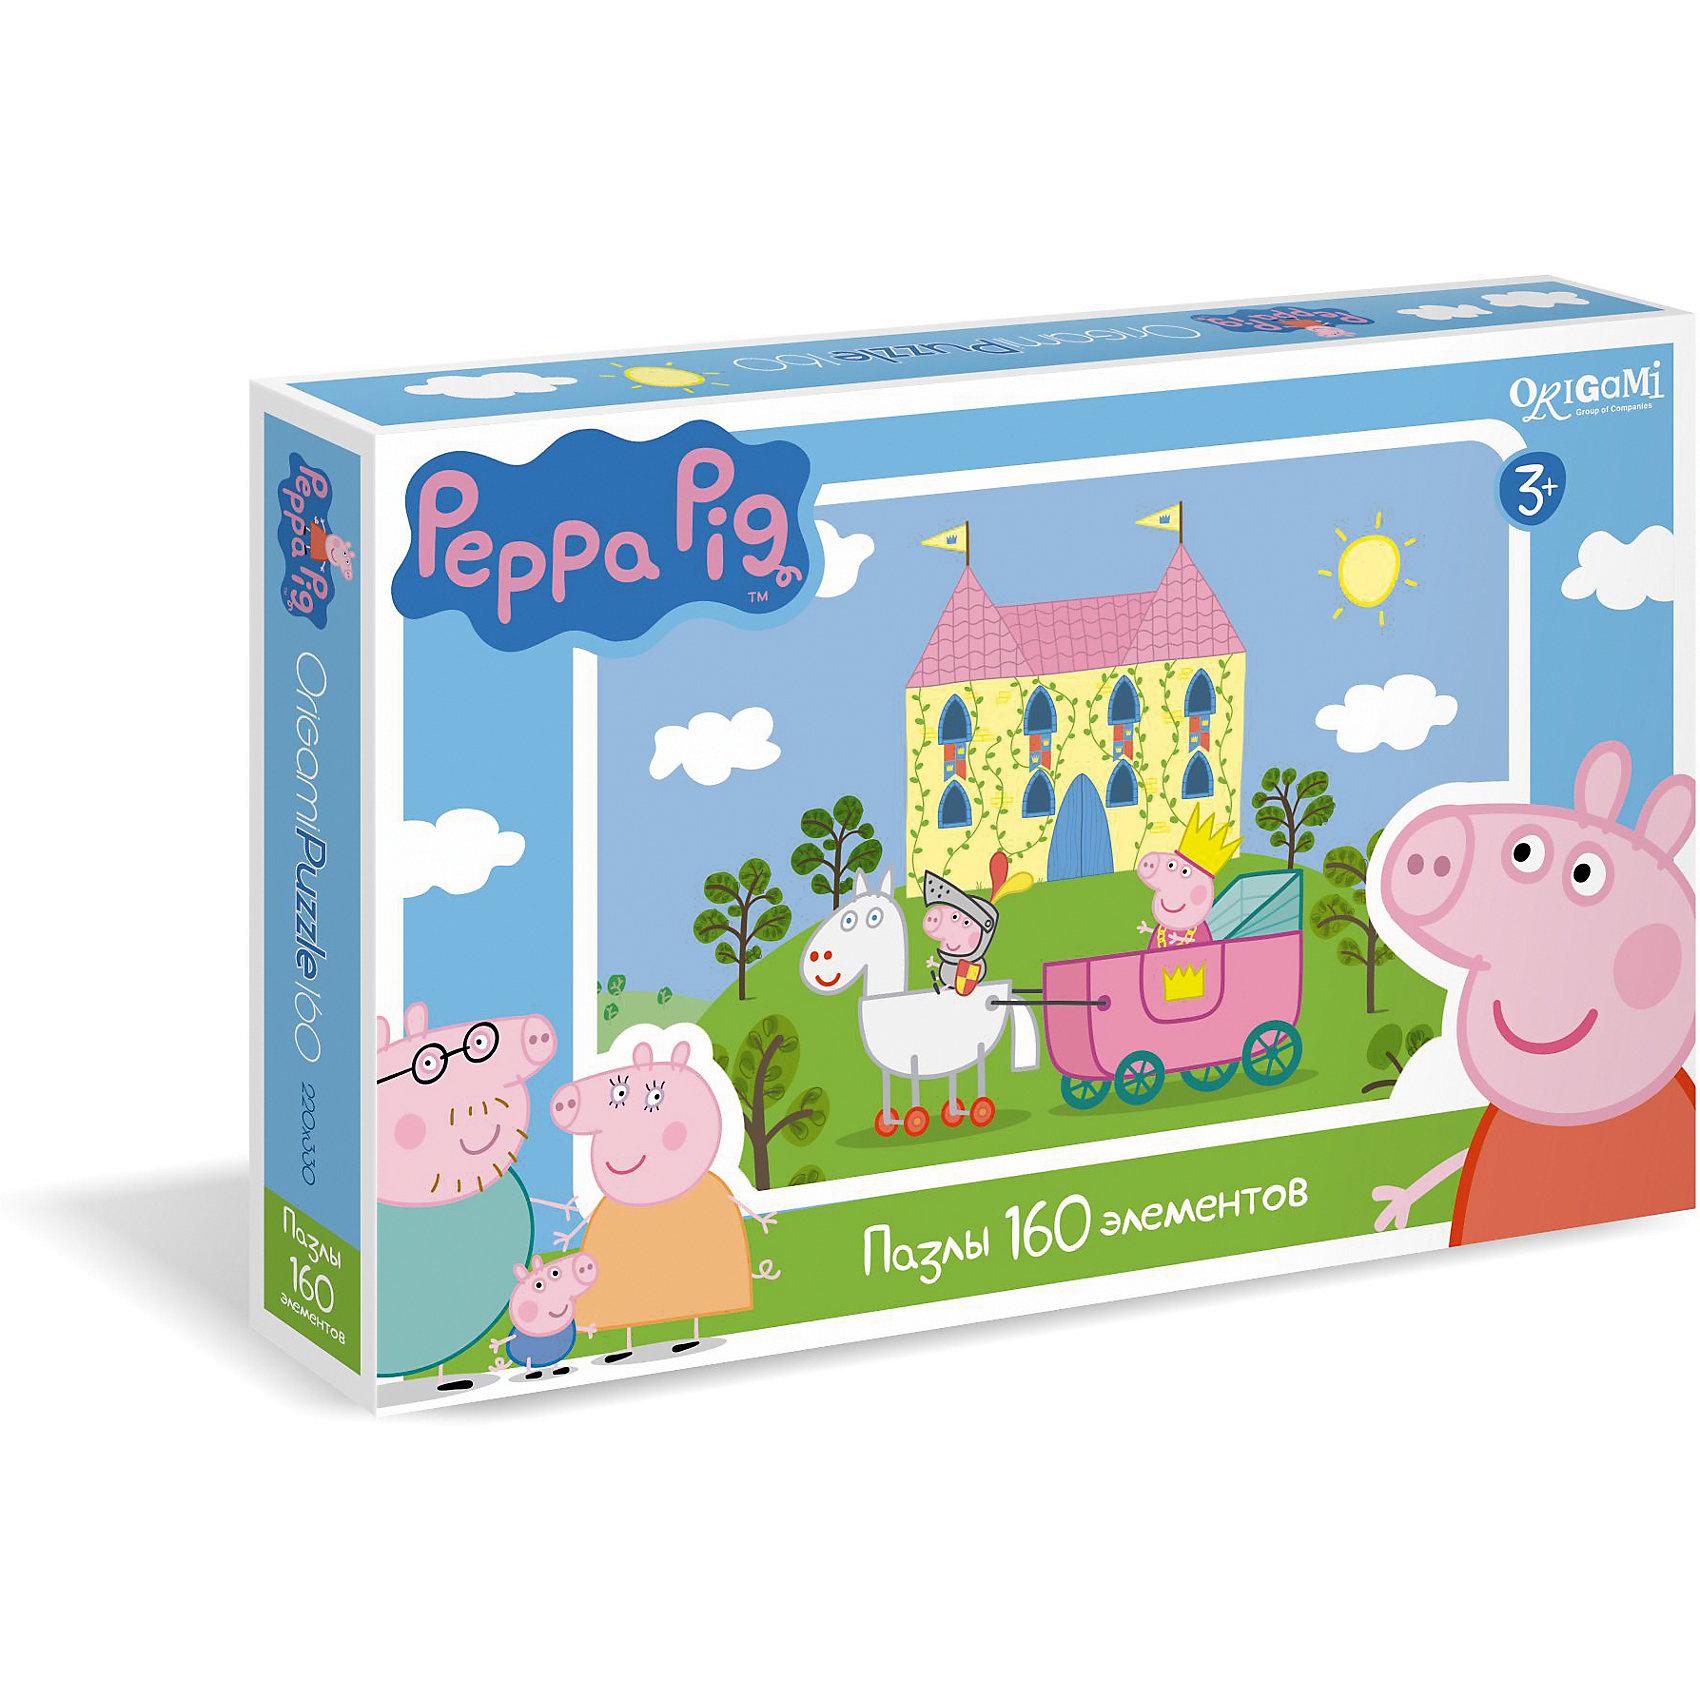 Пазл Замок, 160 деталей, Свинка ПеппаКлассические пазлы<br>Пазл Замок, 160 деталей, Свинка Пеппа - это увлекательный пазл, созданный для детей, которые любят с интересом и пользой проводить время.<br>Пазл Замок – это яркий и красочный пазл по мотивам мультсериала о приключениях симпатичной маленькой свинки Пеппы. С помощью входящих в набор деталей ваш ребенок сможет собрать красочную картинку, на которой настоящая принцесса Свинка Пеппа в королевском кортеже осматривает свои владения, а управляет им малыш Джордж, одетый в рыцарские доспехи. Детали пазла прекрасно соединяются между собой, не расслаиваются и не ломаются при сборке. Эта головоломка позволит ребенку развить мелкую моторику рук, терпение, усидчивость, зрительную память и научит мыслить логически.<br><br>Дополнительная информация:<br><br>- Количество деталей: 160<br>- Размер собранного пазла: 33х22 см.<br>- Материал: картон<br>- Размер коробки: 29,2x3,8x19 мм.<br>- Вес: 140 гр.<br><br>Пазл Замок, 160 деталей, Свинка Пеппа можно купить в нашем интернет-магазине.<br><br>Ширина мм: 292<br>Глубина мм: 38<br>Высота мм: 190<br>Вес г: 140<br>Возраст от месяцев: 36<br>Возраст до месяцев: 96<br>Пол: Унисекс<br>Возраст: Детский<br>Количество деталей: 160<br>SKU: 4335012